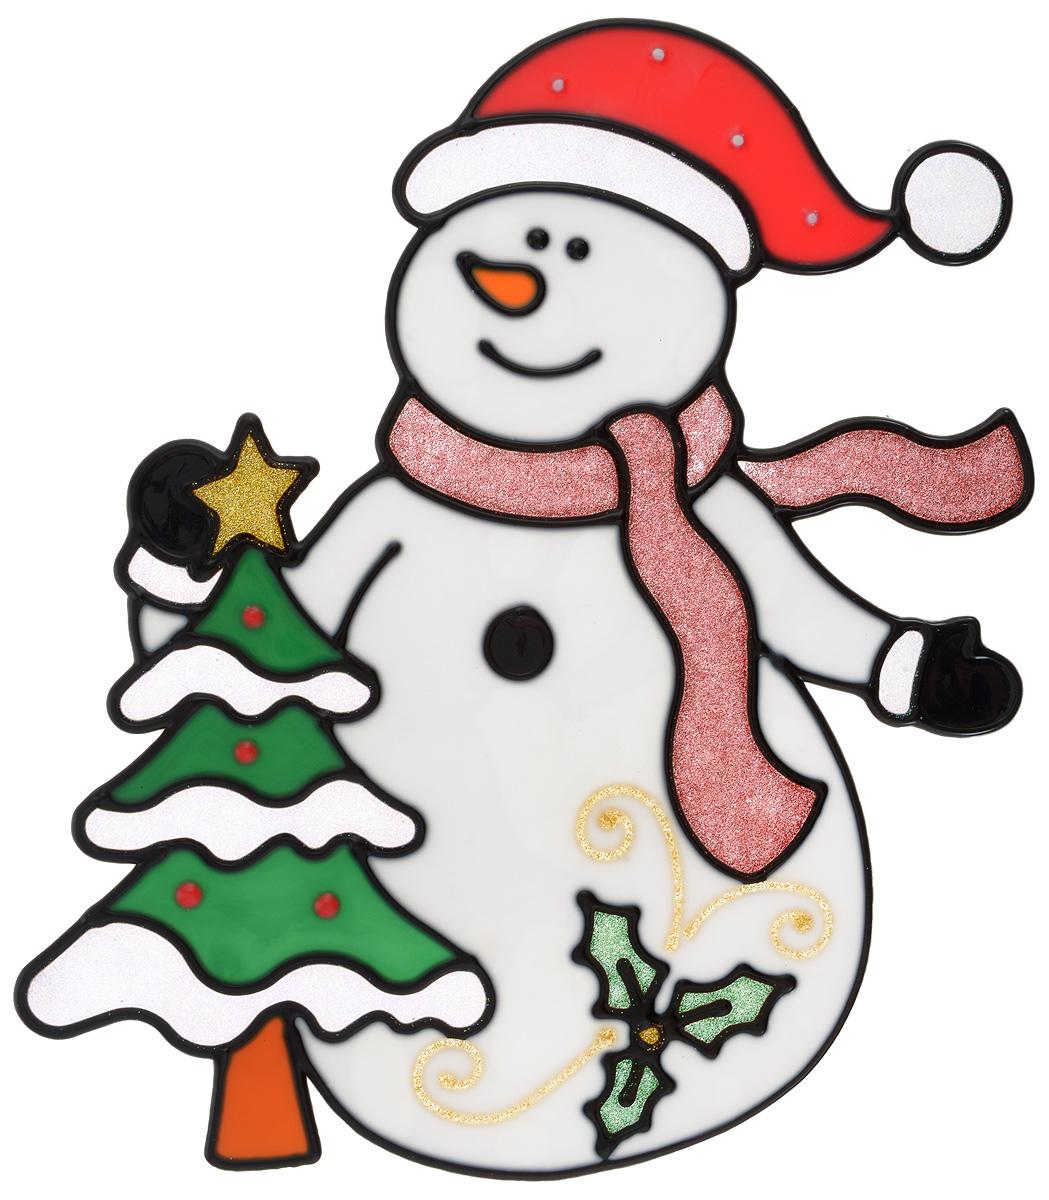 картинки мультяшного снеговика с елкой спортивных магазинах